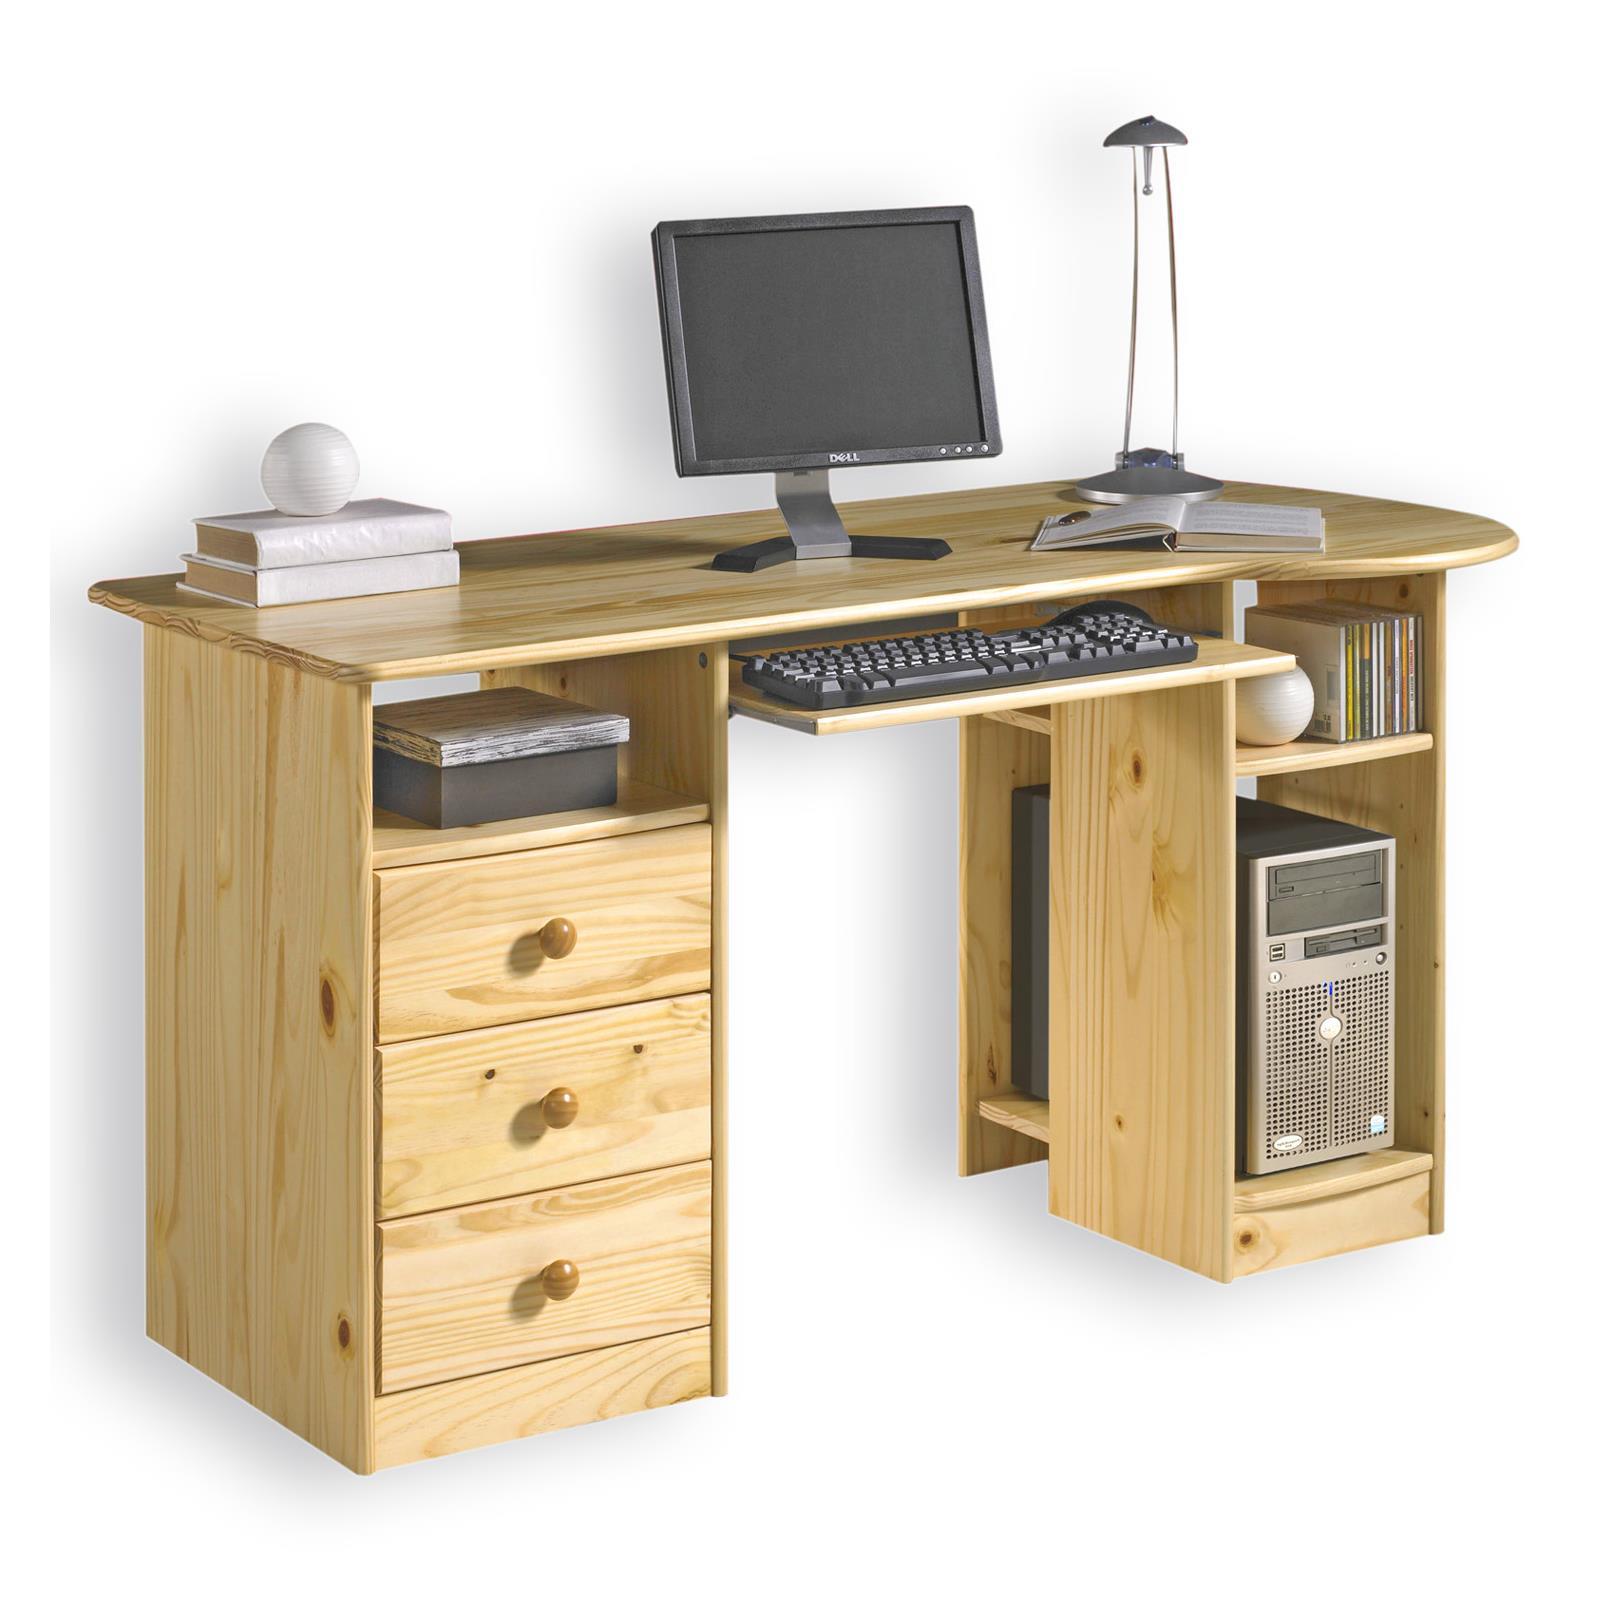 Schreibtisch computertisch pc schreibtisch kiefer massiv for Computertisch schreibtisch